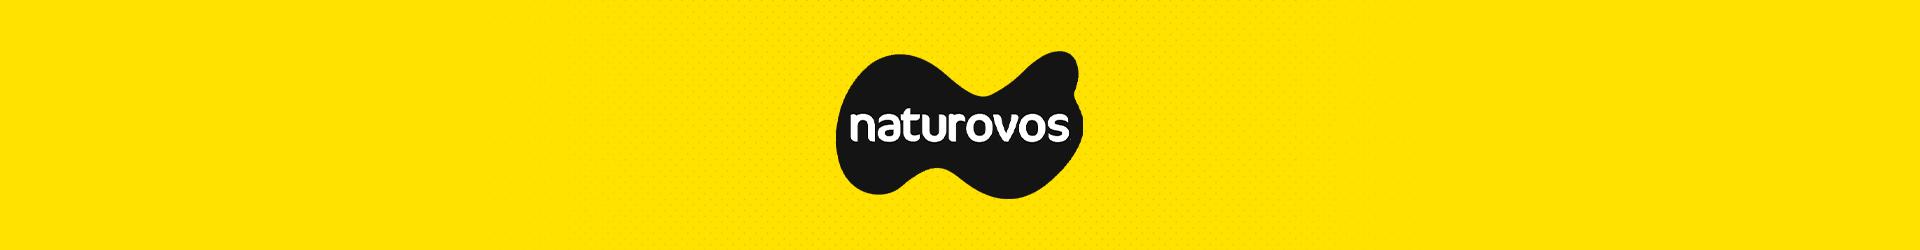 MARCA - Naturovos